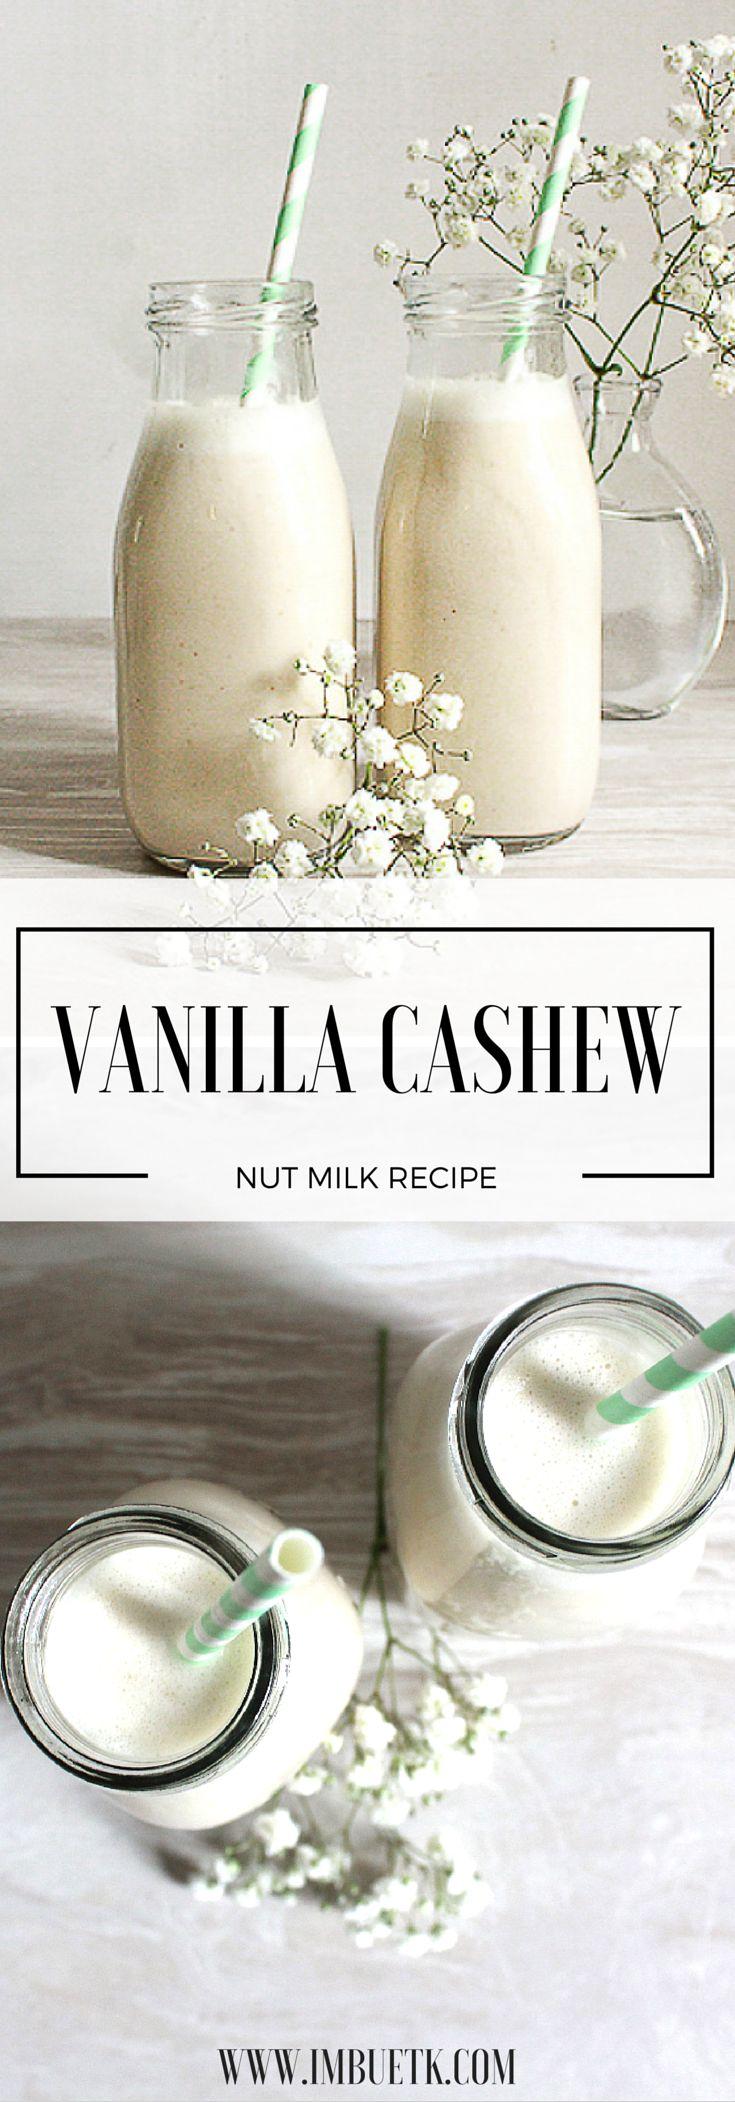 Vanilla Cashew Nut Milk - DELICIOUS!!! ..Dessert in a bottle.  #nutmilk